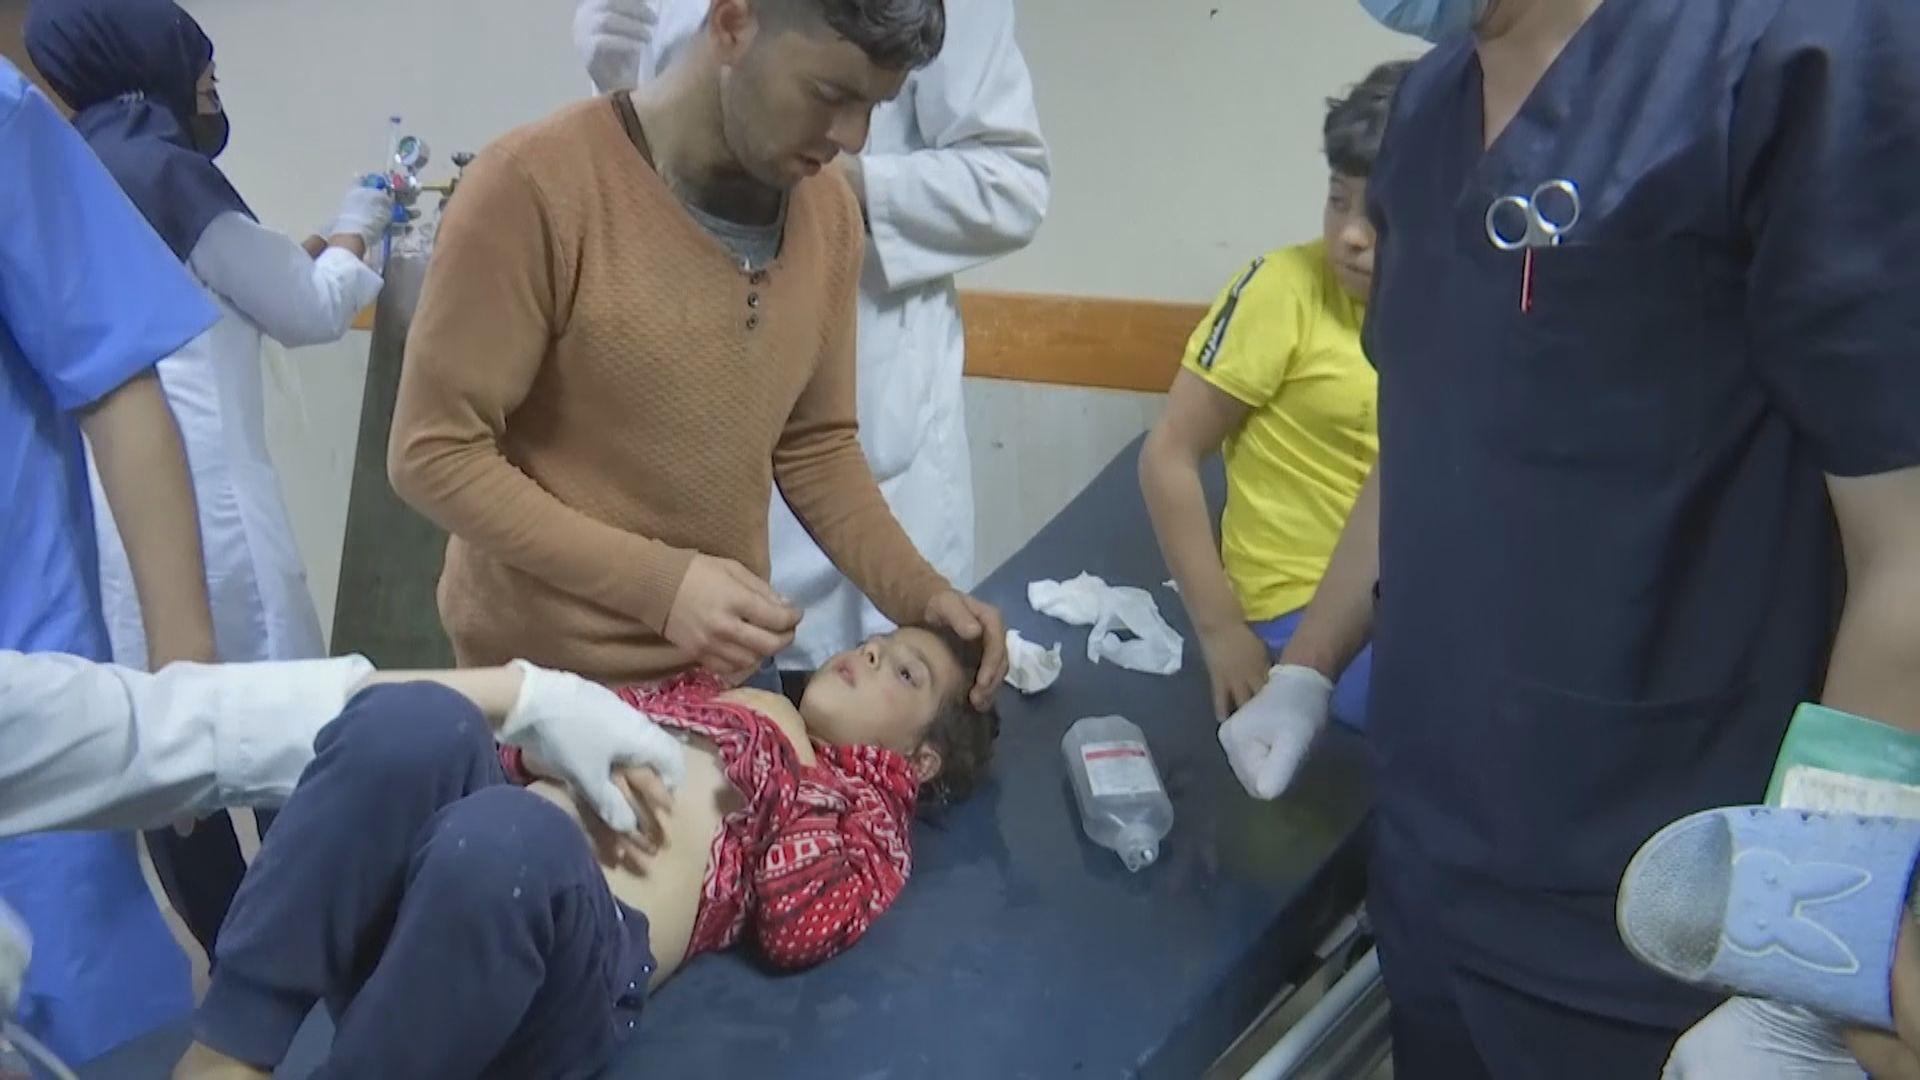 以巴衝突未有停火跡象 聯合國形容當地人道危機正惡化